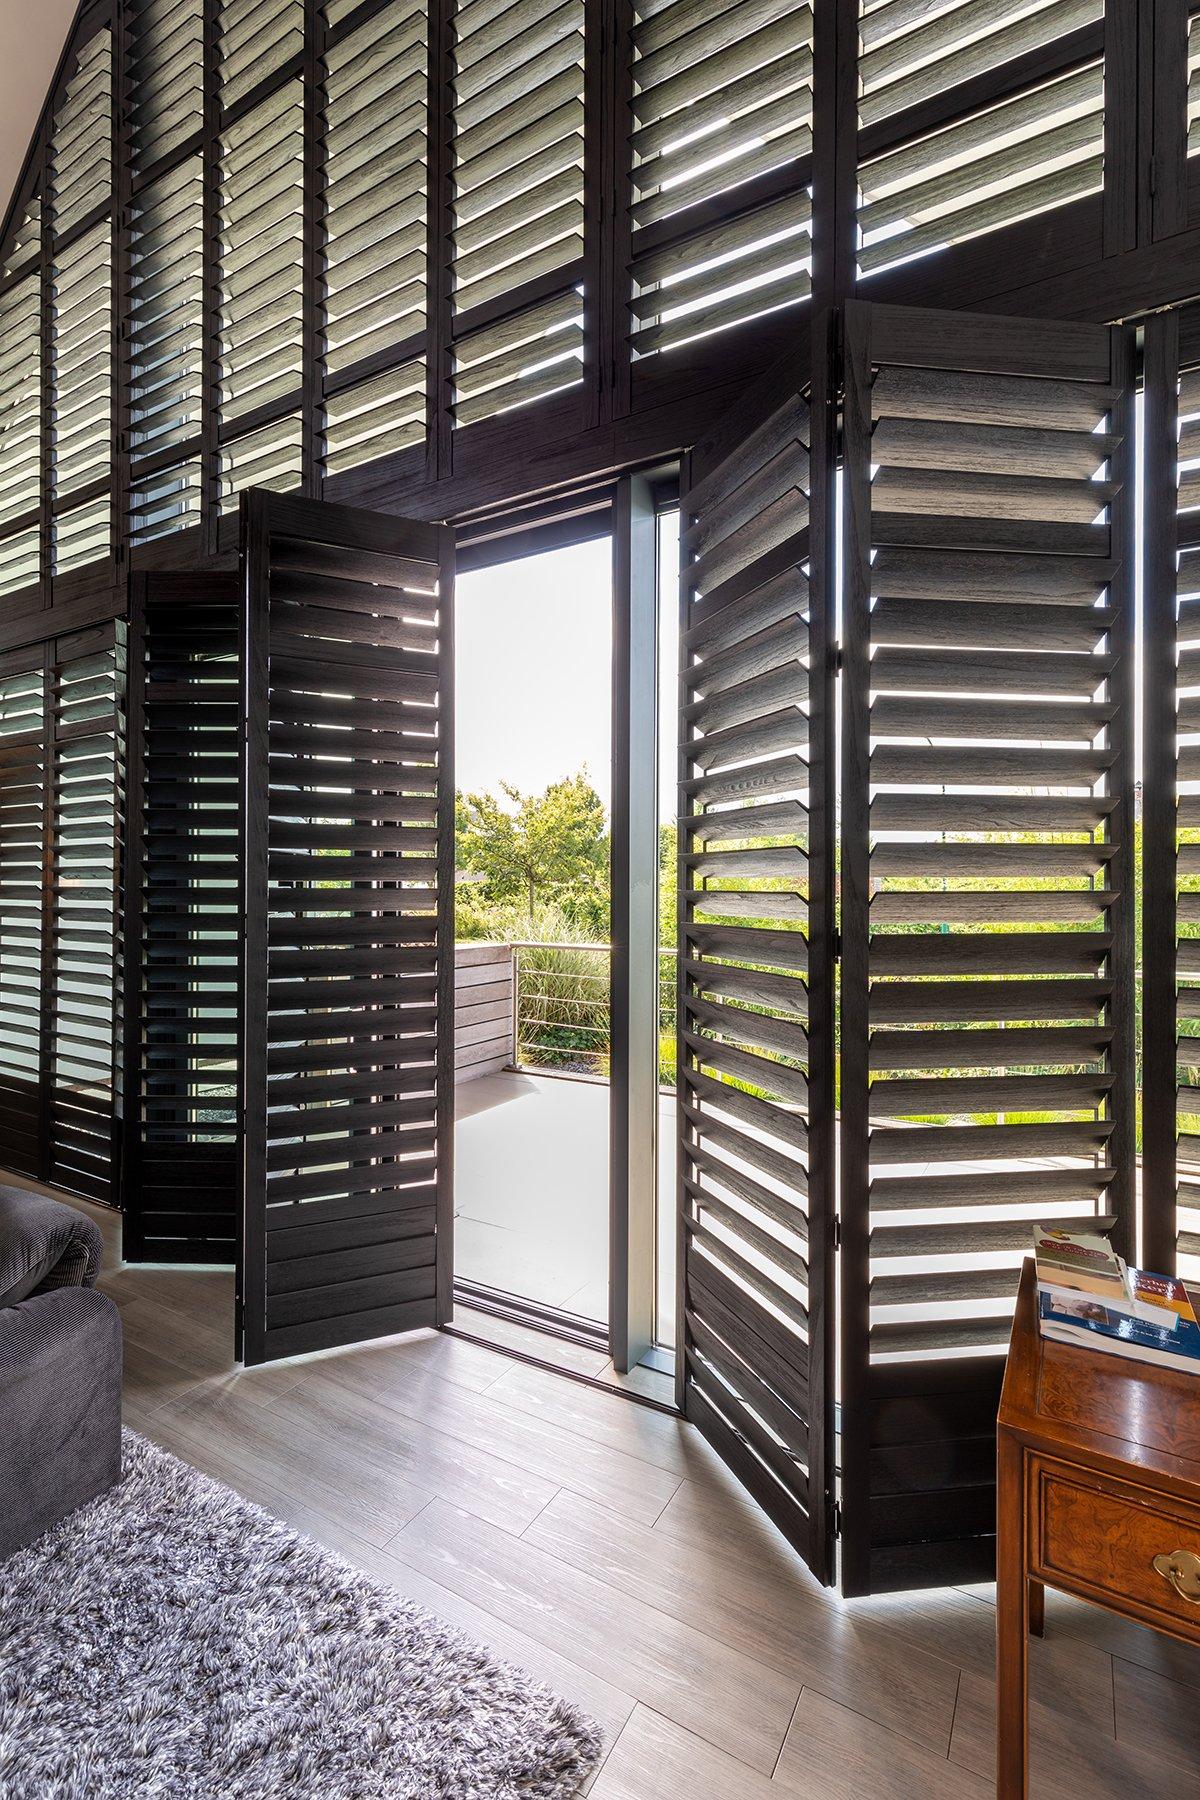 schuurwoning, van eyck shutters, shutters, raamdecoratie